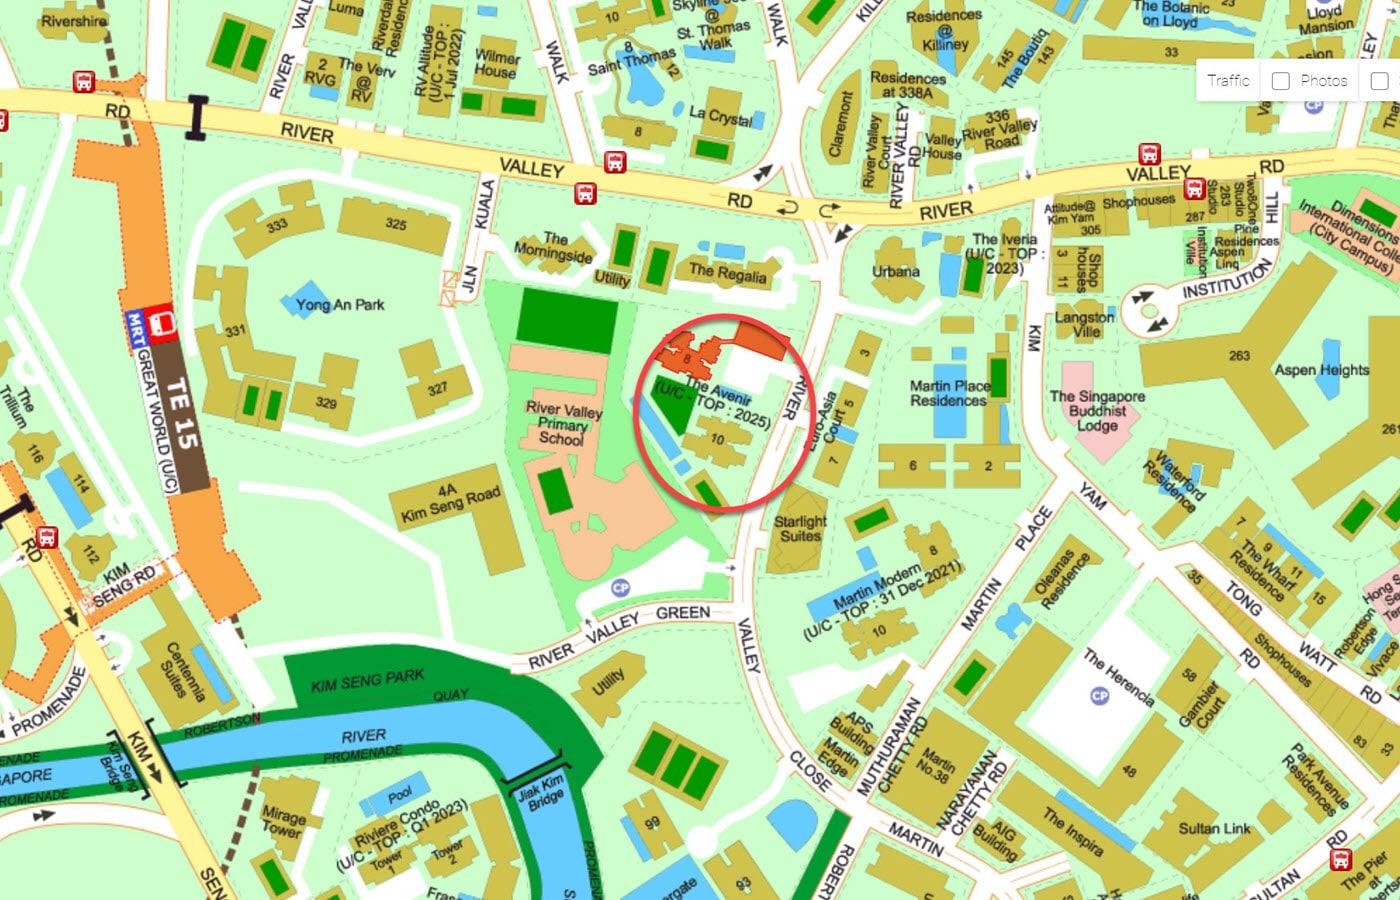 The Avenir - Street Directory Map